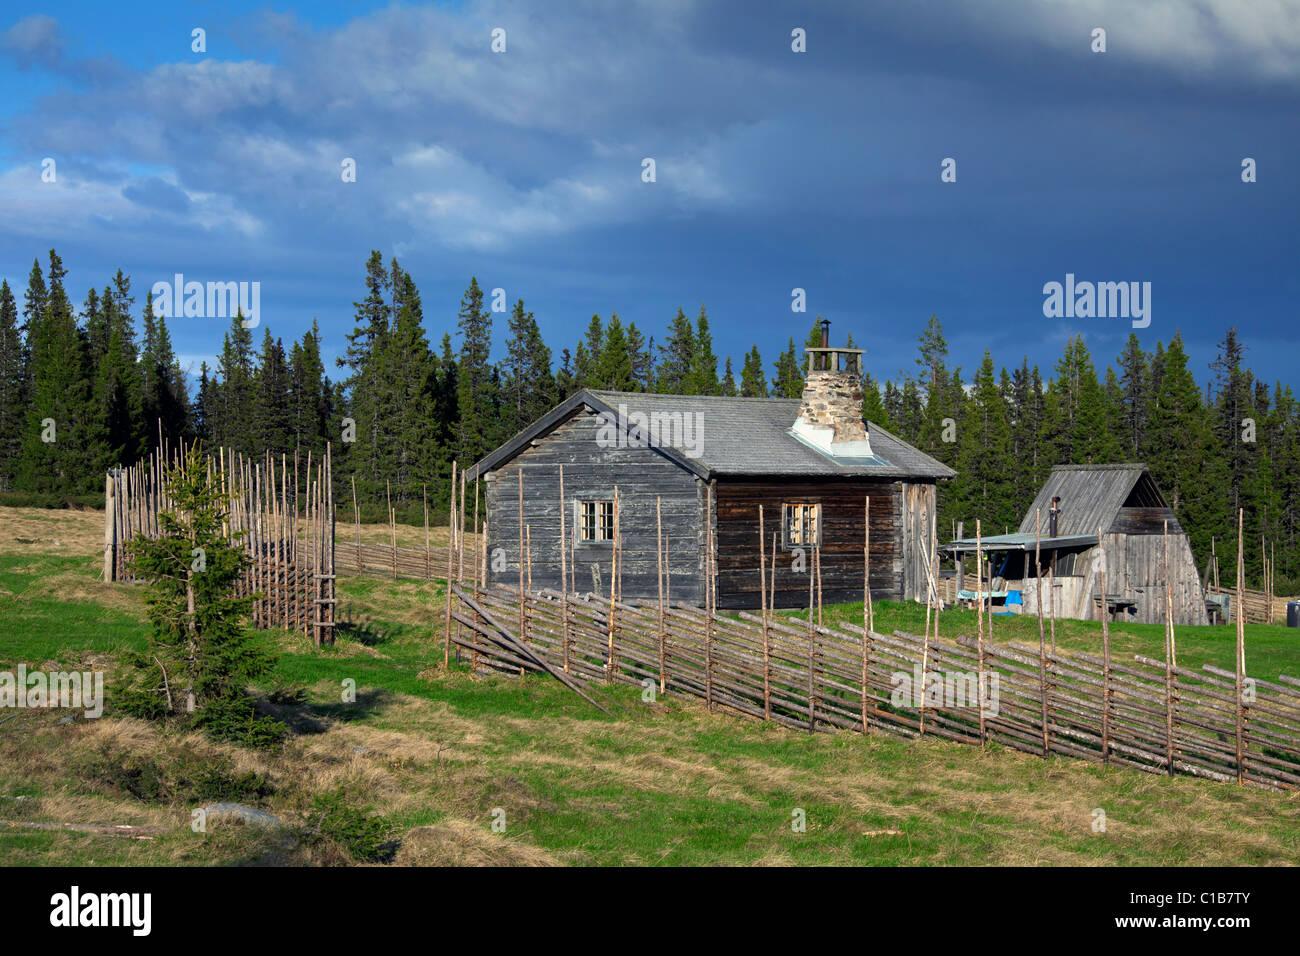 Wooden fence and log cabin of farm at Jaemtland / Jämtland, Sweden - Stock Image